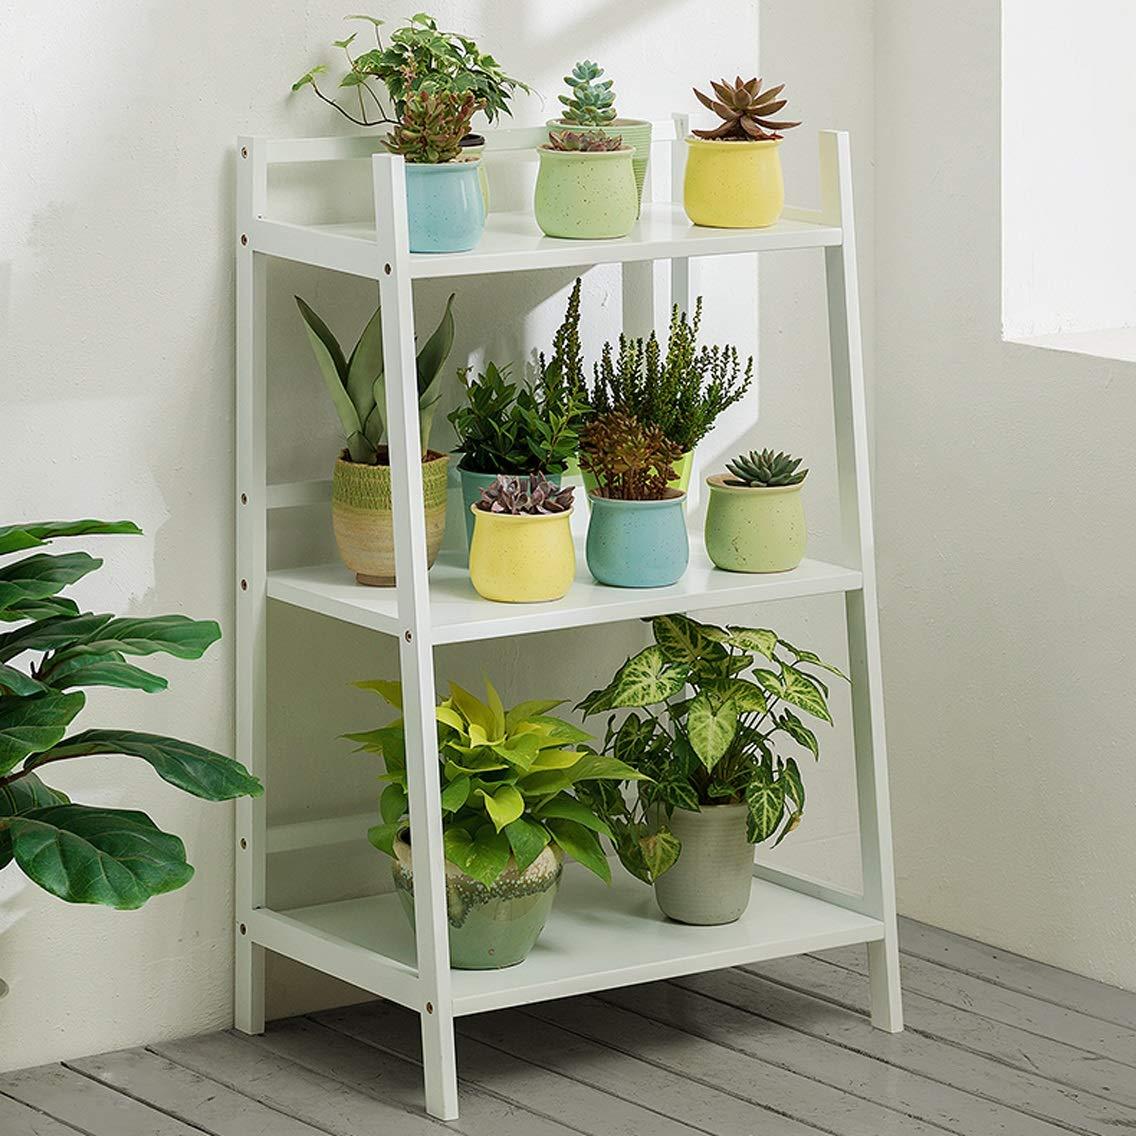 LRW Bamboo Flower Rack, Floor, Indoor Living Room, Fleshy Flower Frills, Multi Storey Balcony, Green Rose Flower Rack, White, 3 Stories Long 50 Centimeters.